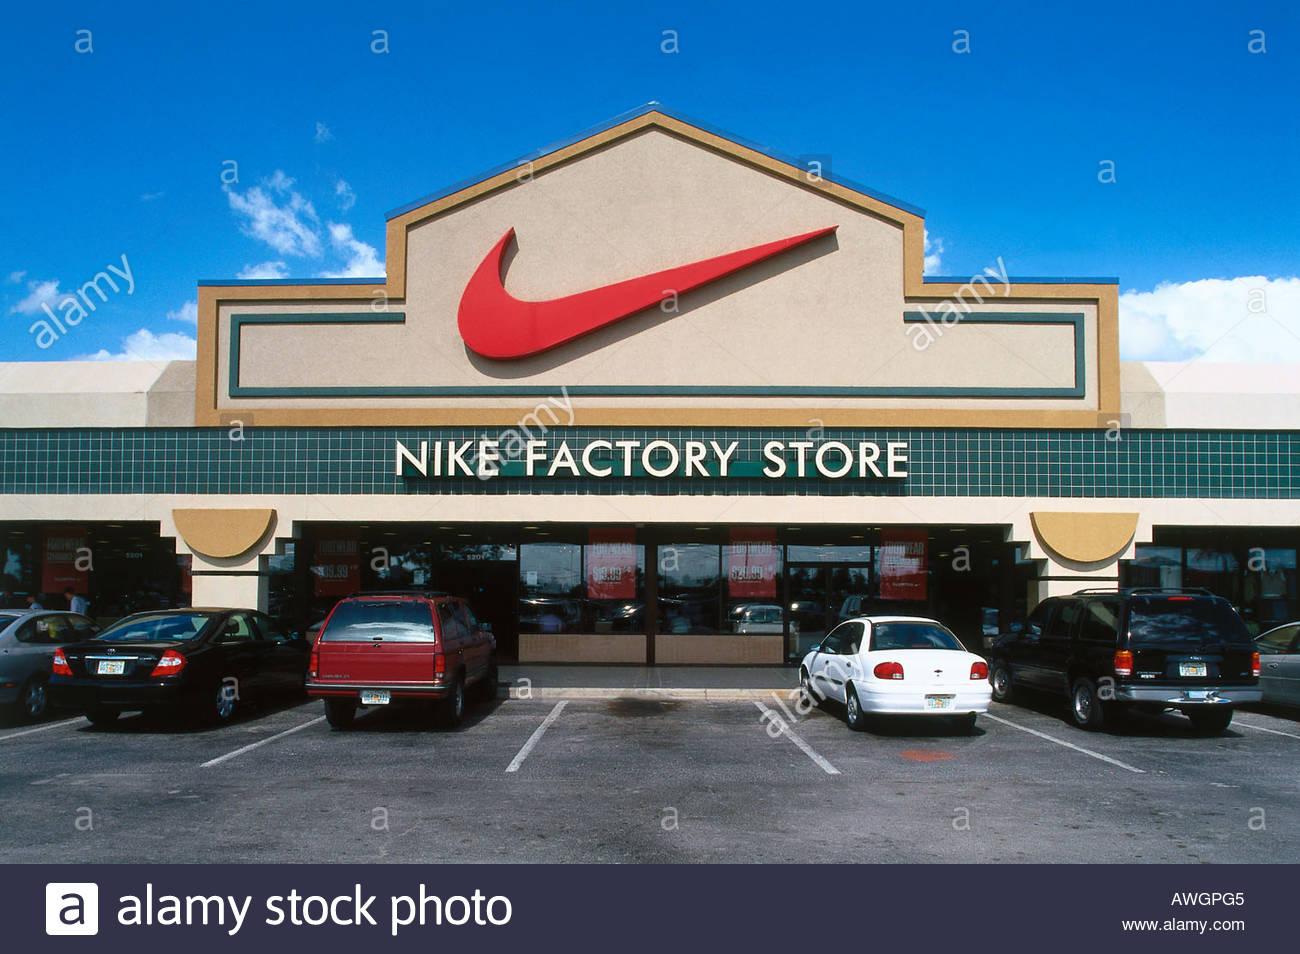 new concept a5791 1de7c Estados Unidos, la Florida, Orlando, Nike Factory Store, autos en los  estacionamientos fuera de tienda Nike de Belz Factory Outlet World